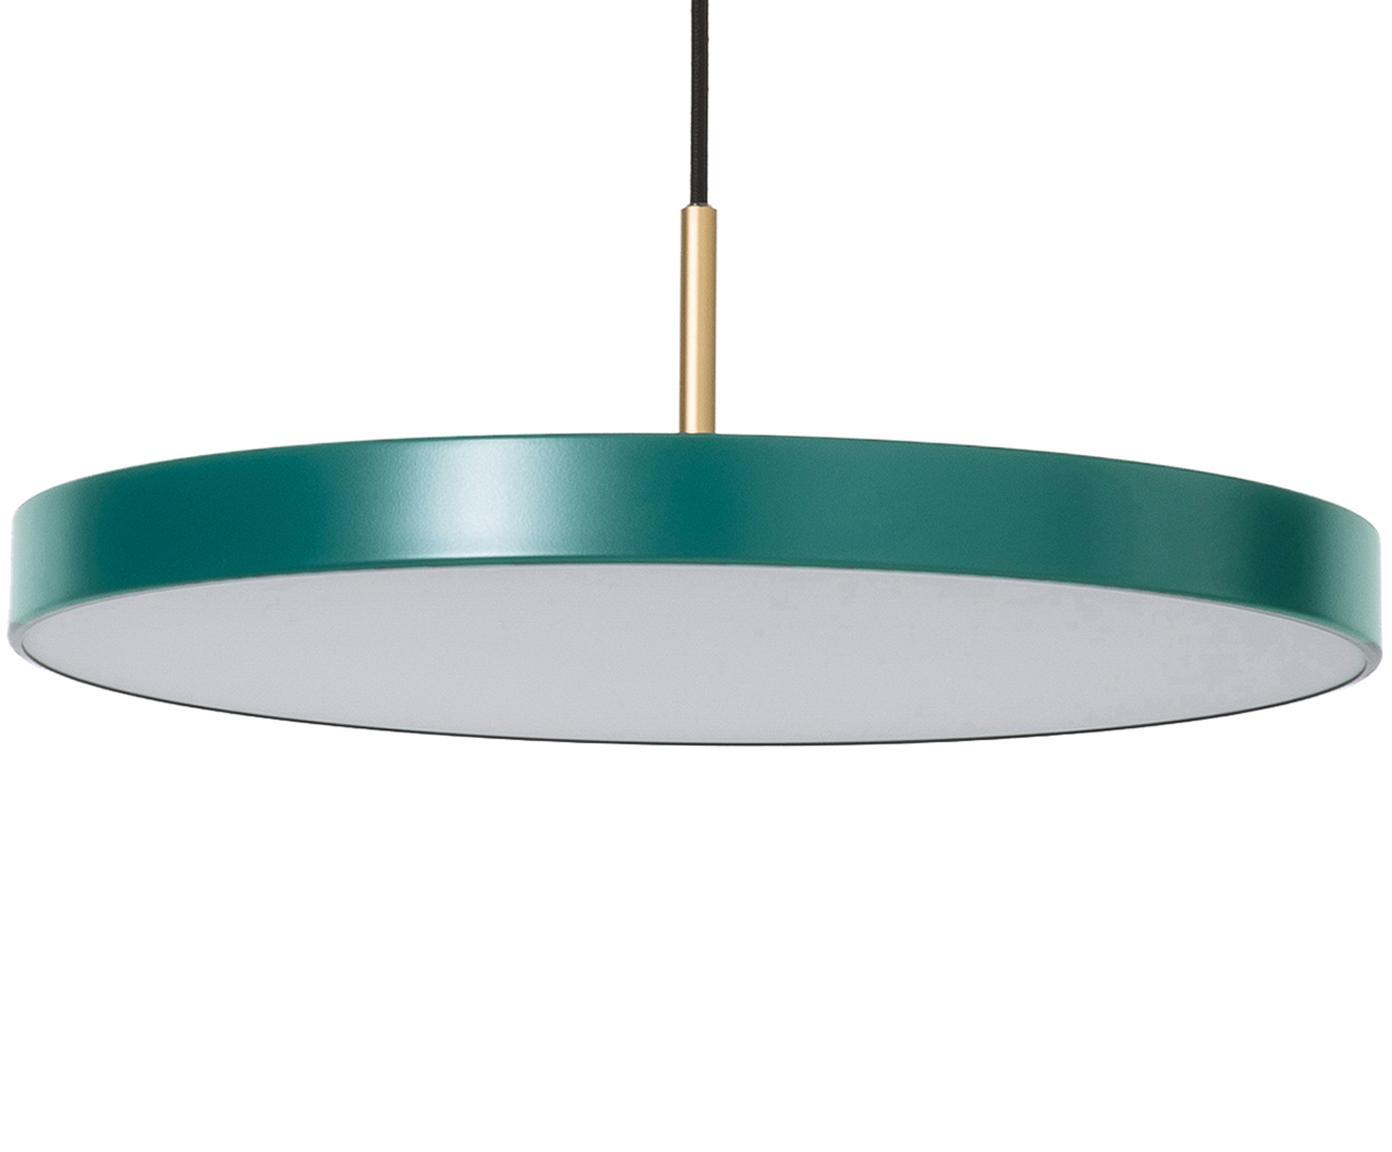 Lámpara de techo LED de diseño Asteria, Pantalla: aluminio pintado, Fijación: acero pintado, Verde oscuro, Ø 43 x Al 15 cm